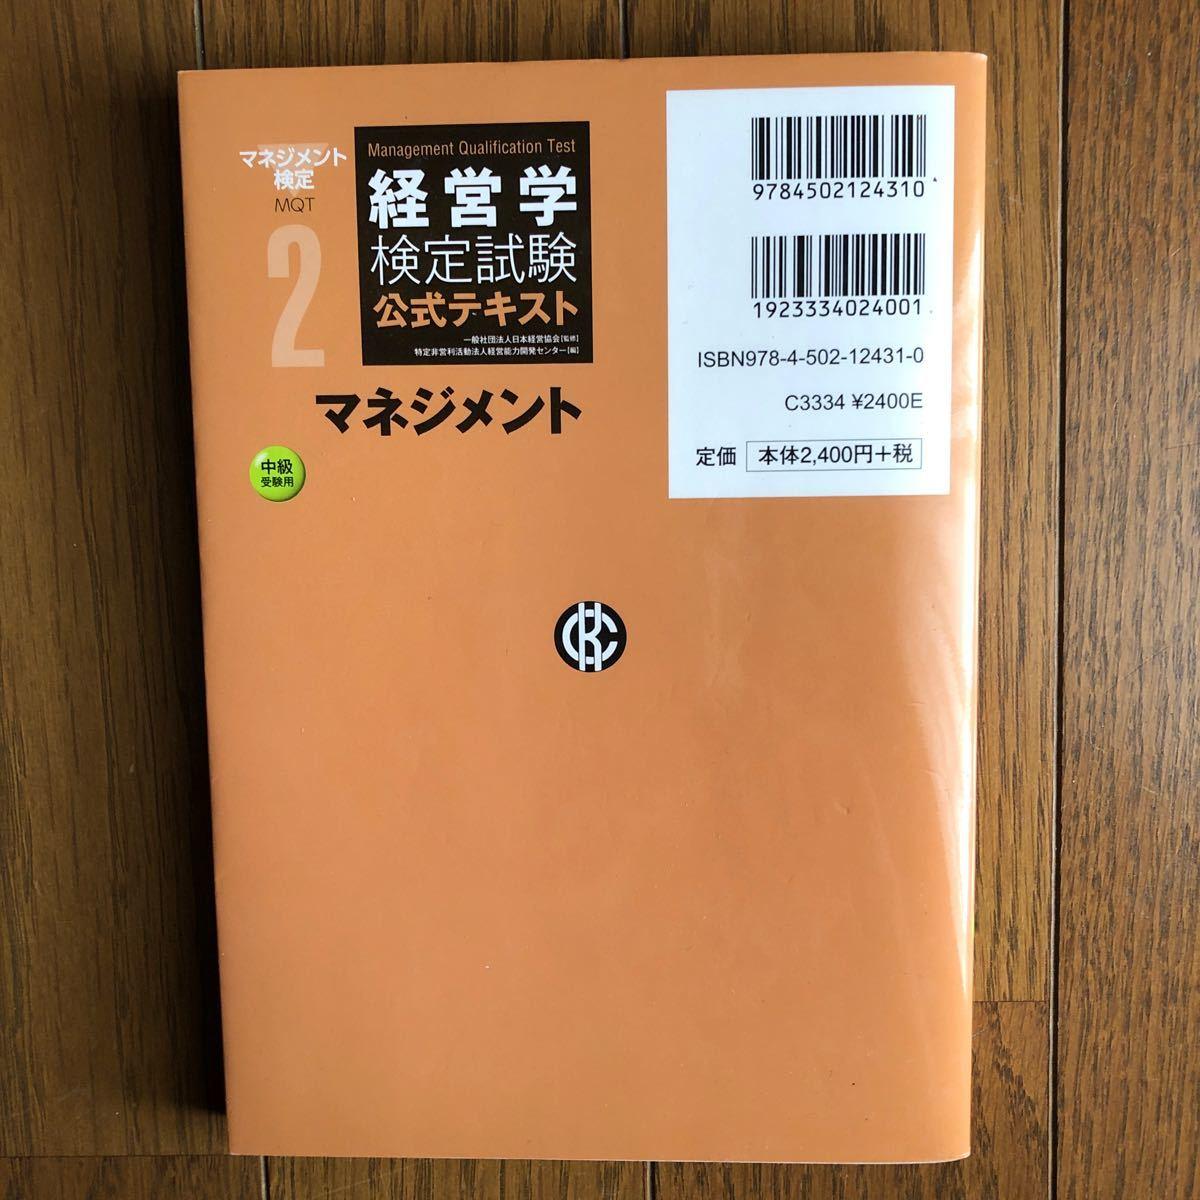 「経営学検定試験公式テキスト 2 マネジメント 中級受験用」